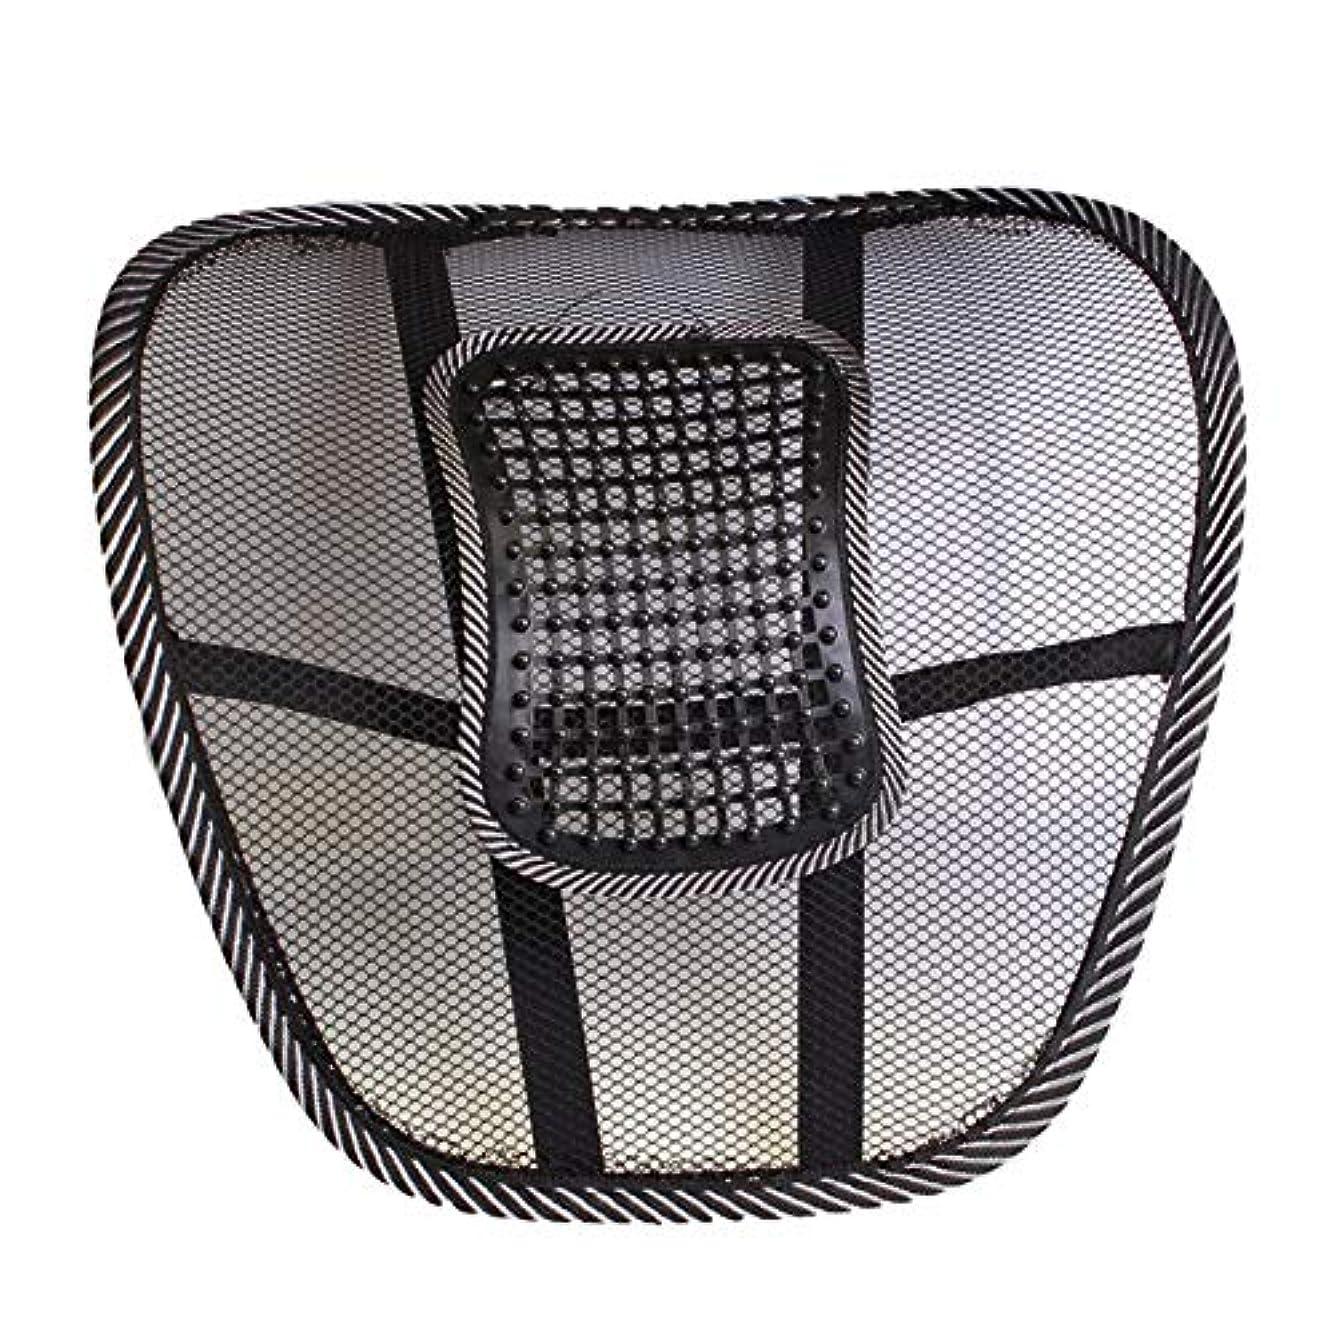 祝福する変更シミュレートするメッシュカバー付き腰椎サポートクッション腰痛緩和のためのバランスのとれた硬さ - 理想的なバックピロー